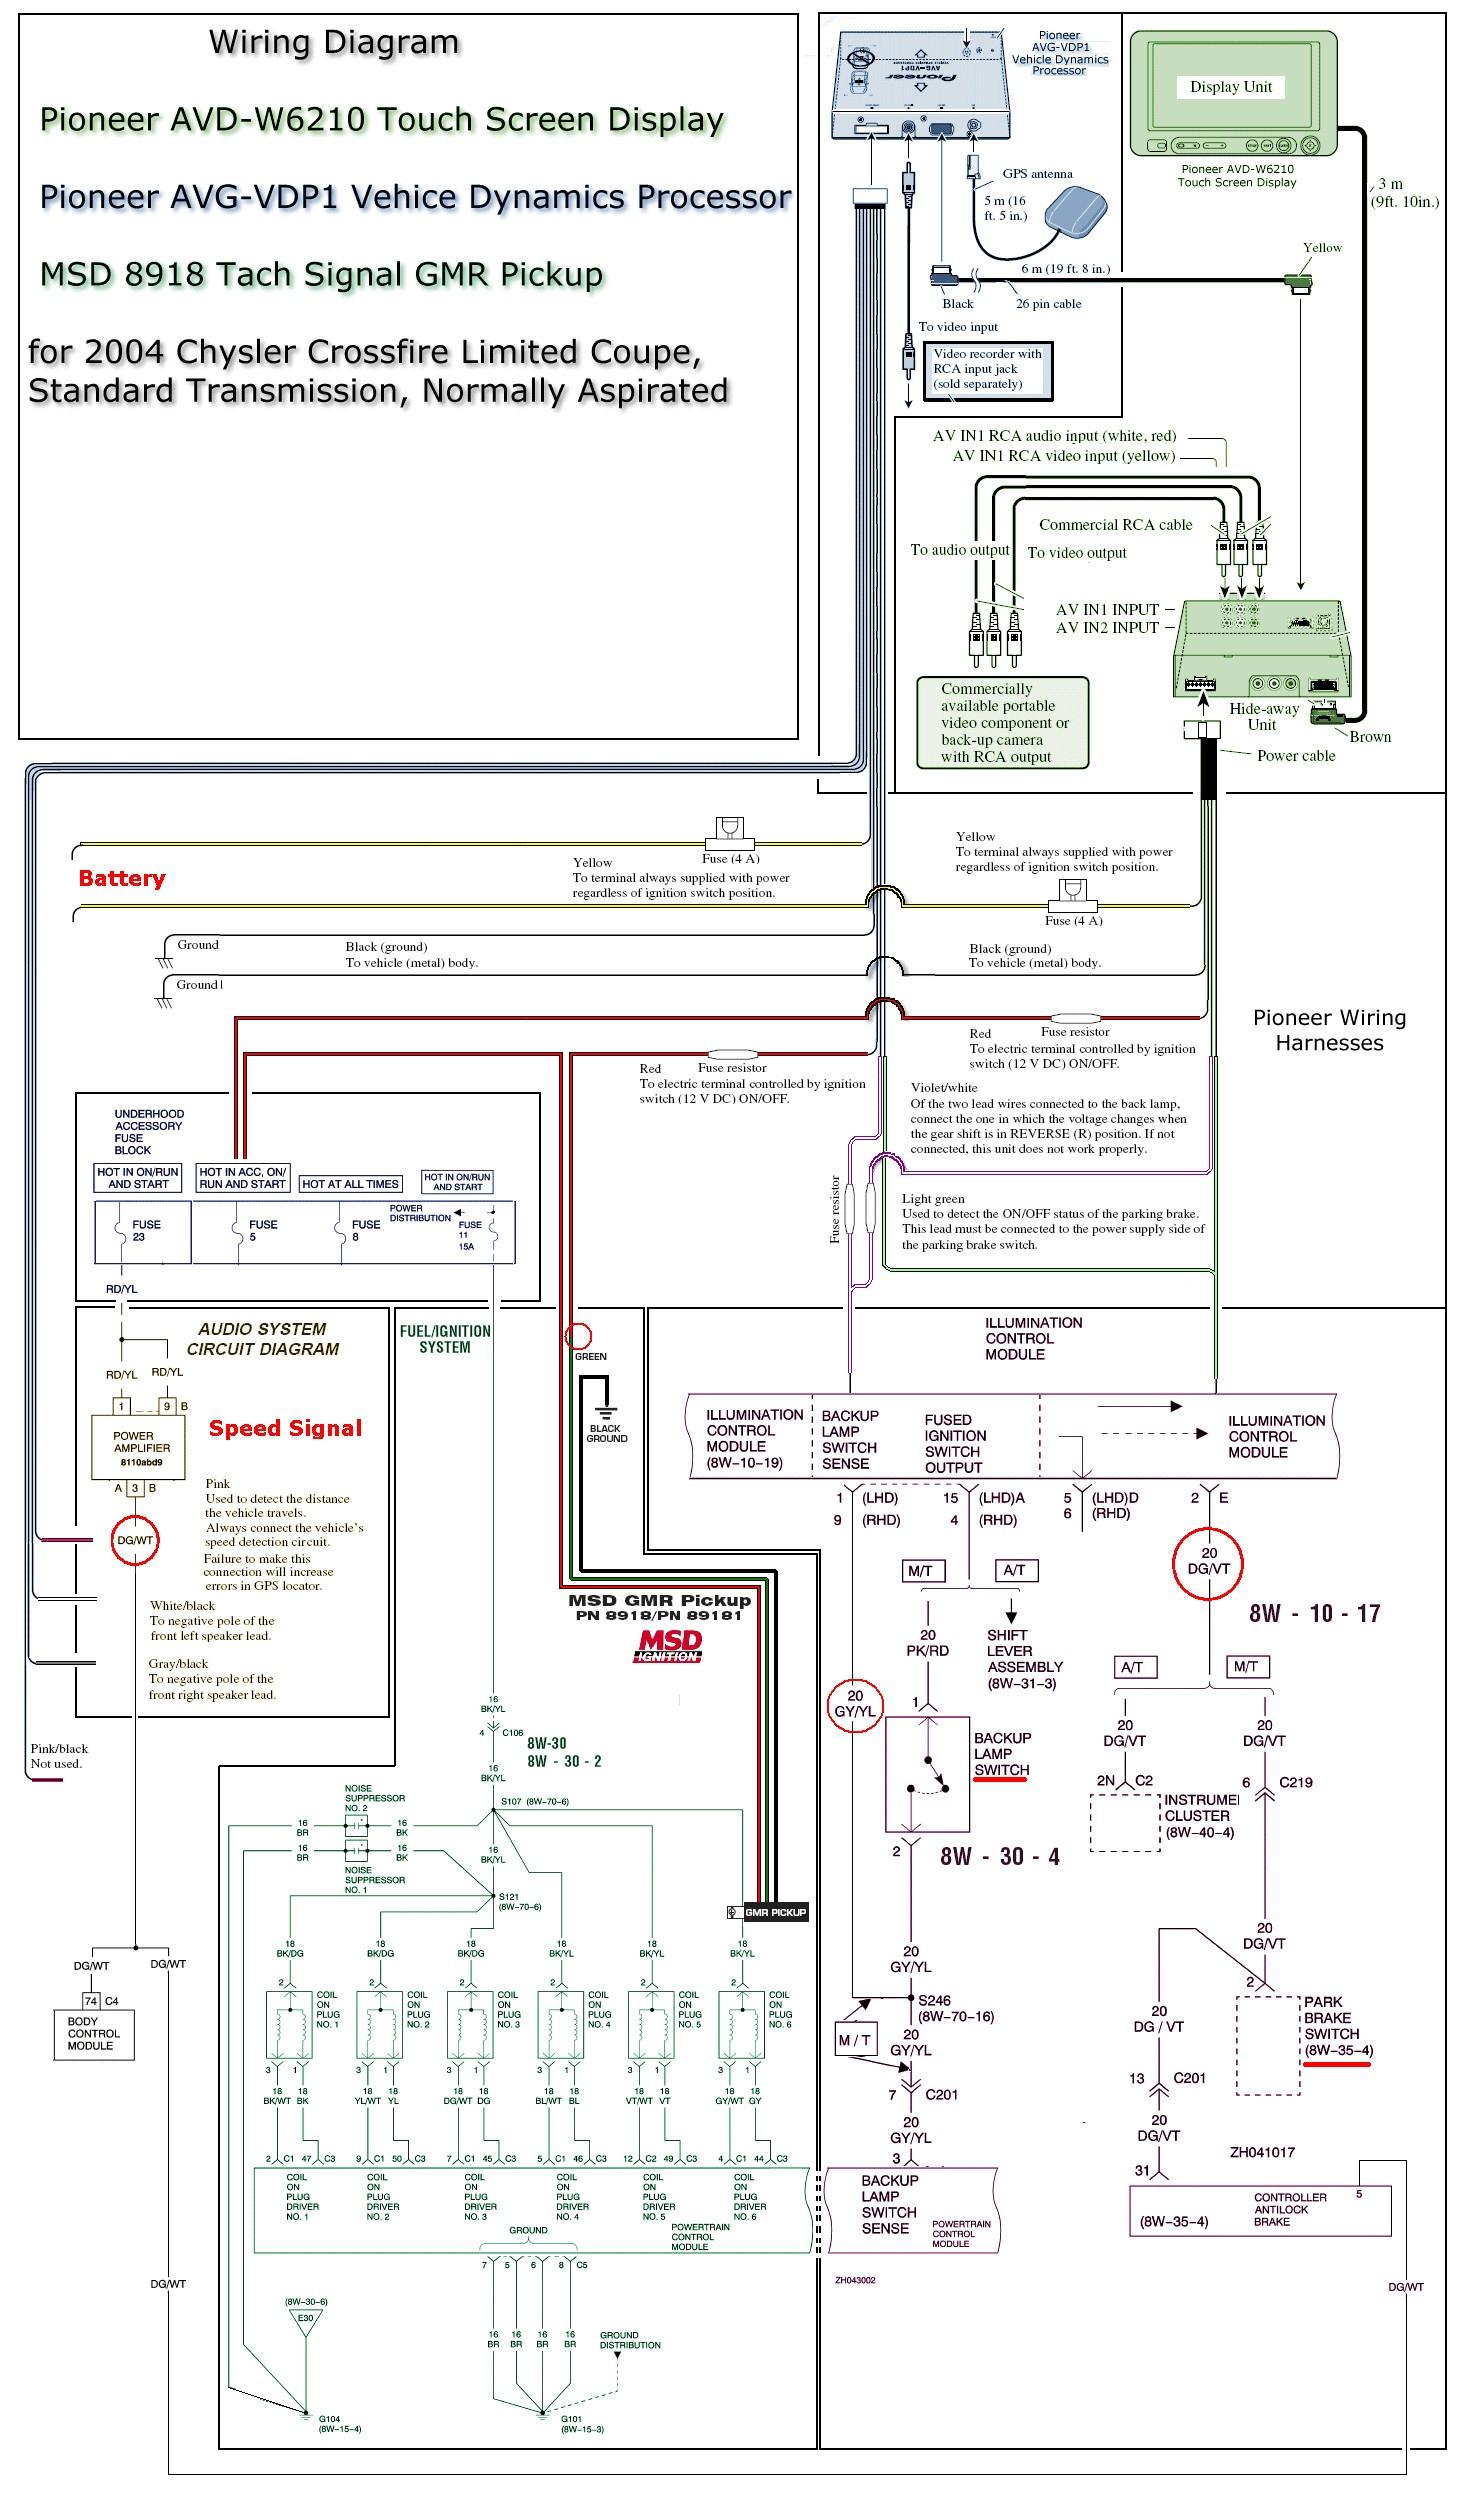 Pioneer Avic N1 Cpn1899 Wiring Diagram Pioneer Parking Brake Bypass - Pioneer Parking Brake Bypass Wiring Diagram